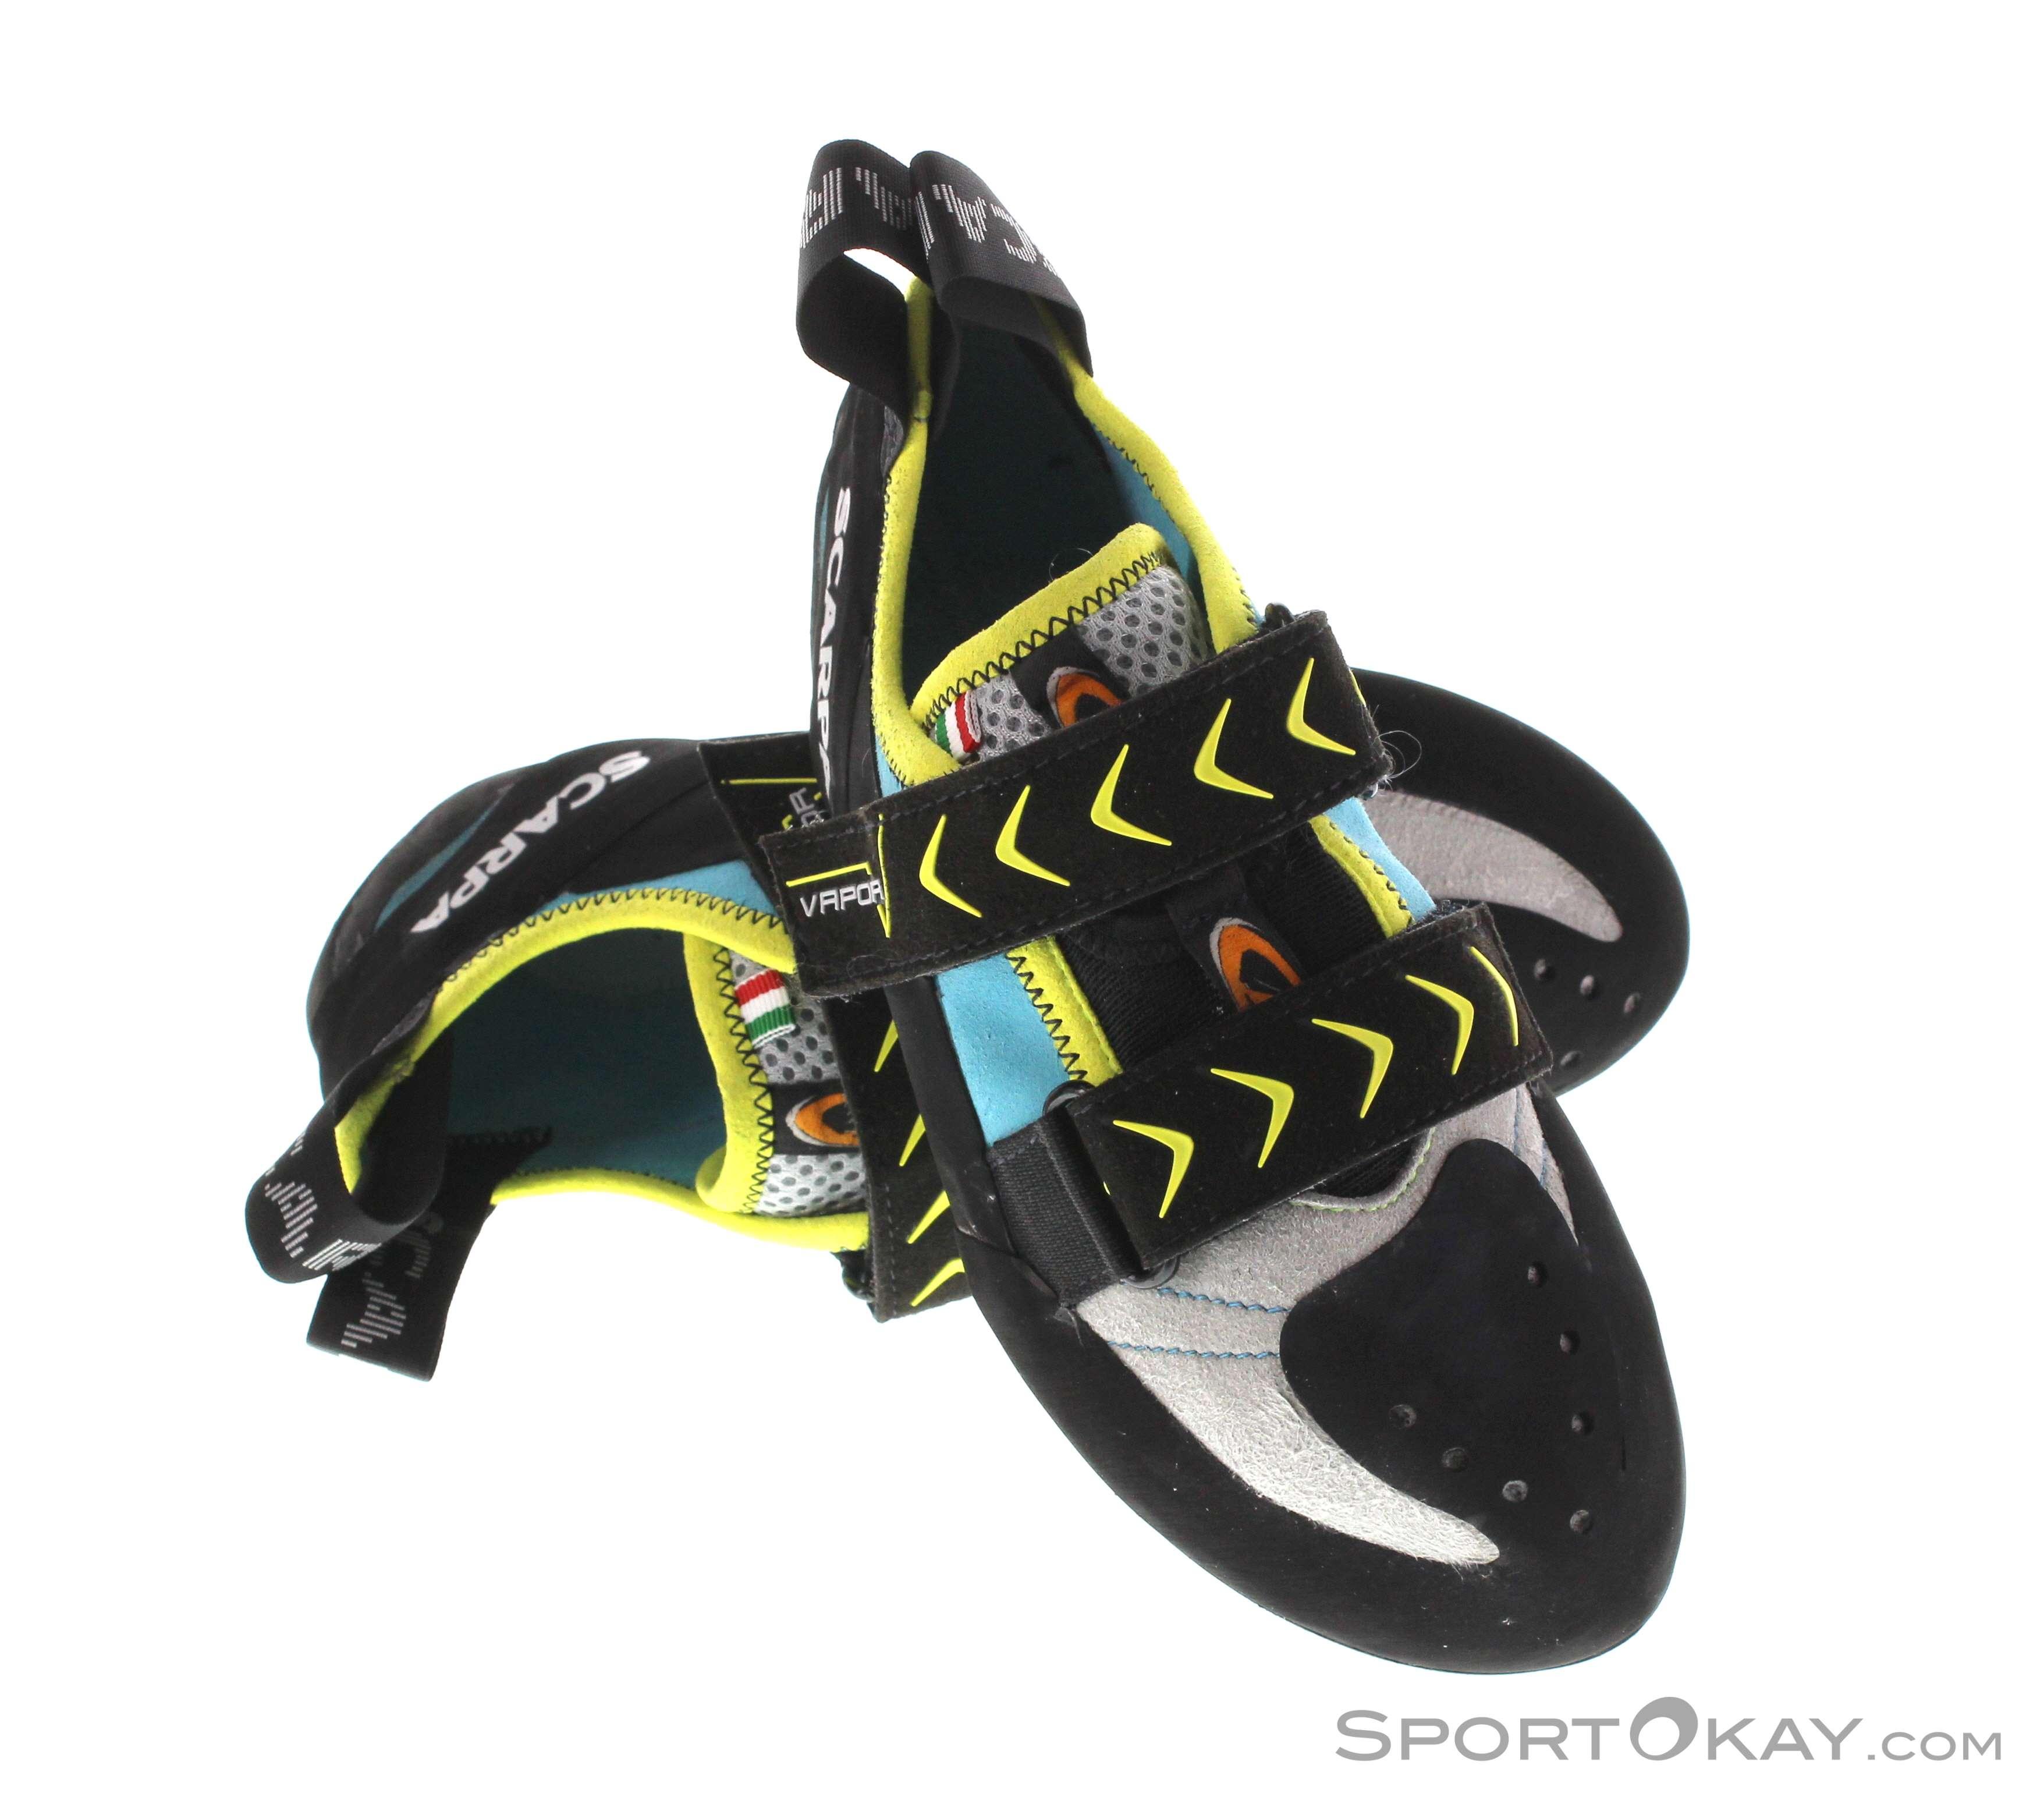 6ef02c55dd2fb Scarpa Vapor V Donna Scarpette da Arrampicata - Scarpette Velcro ...